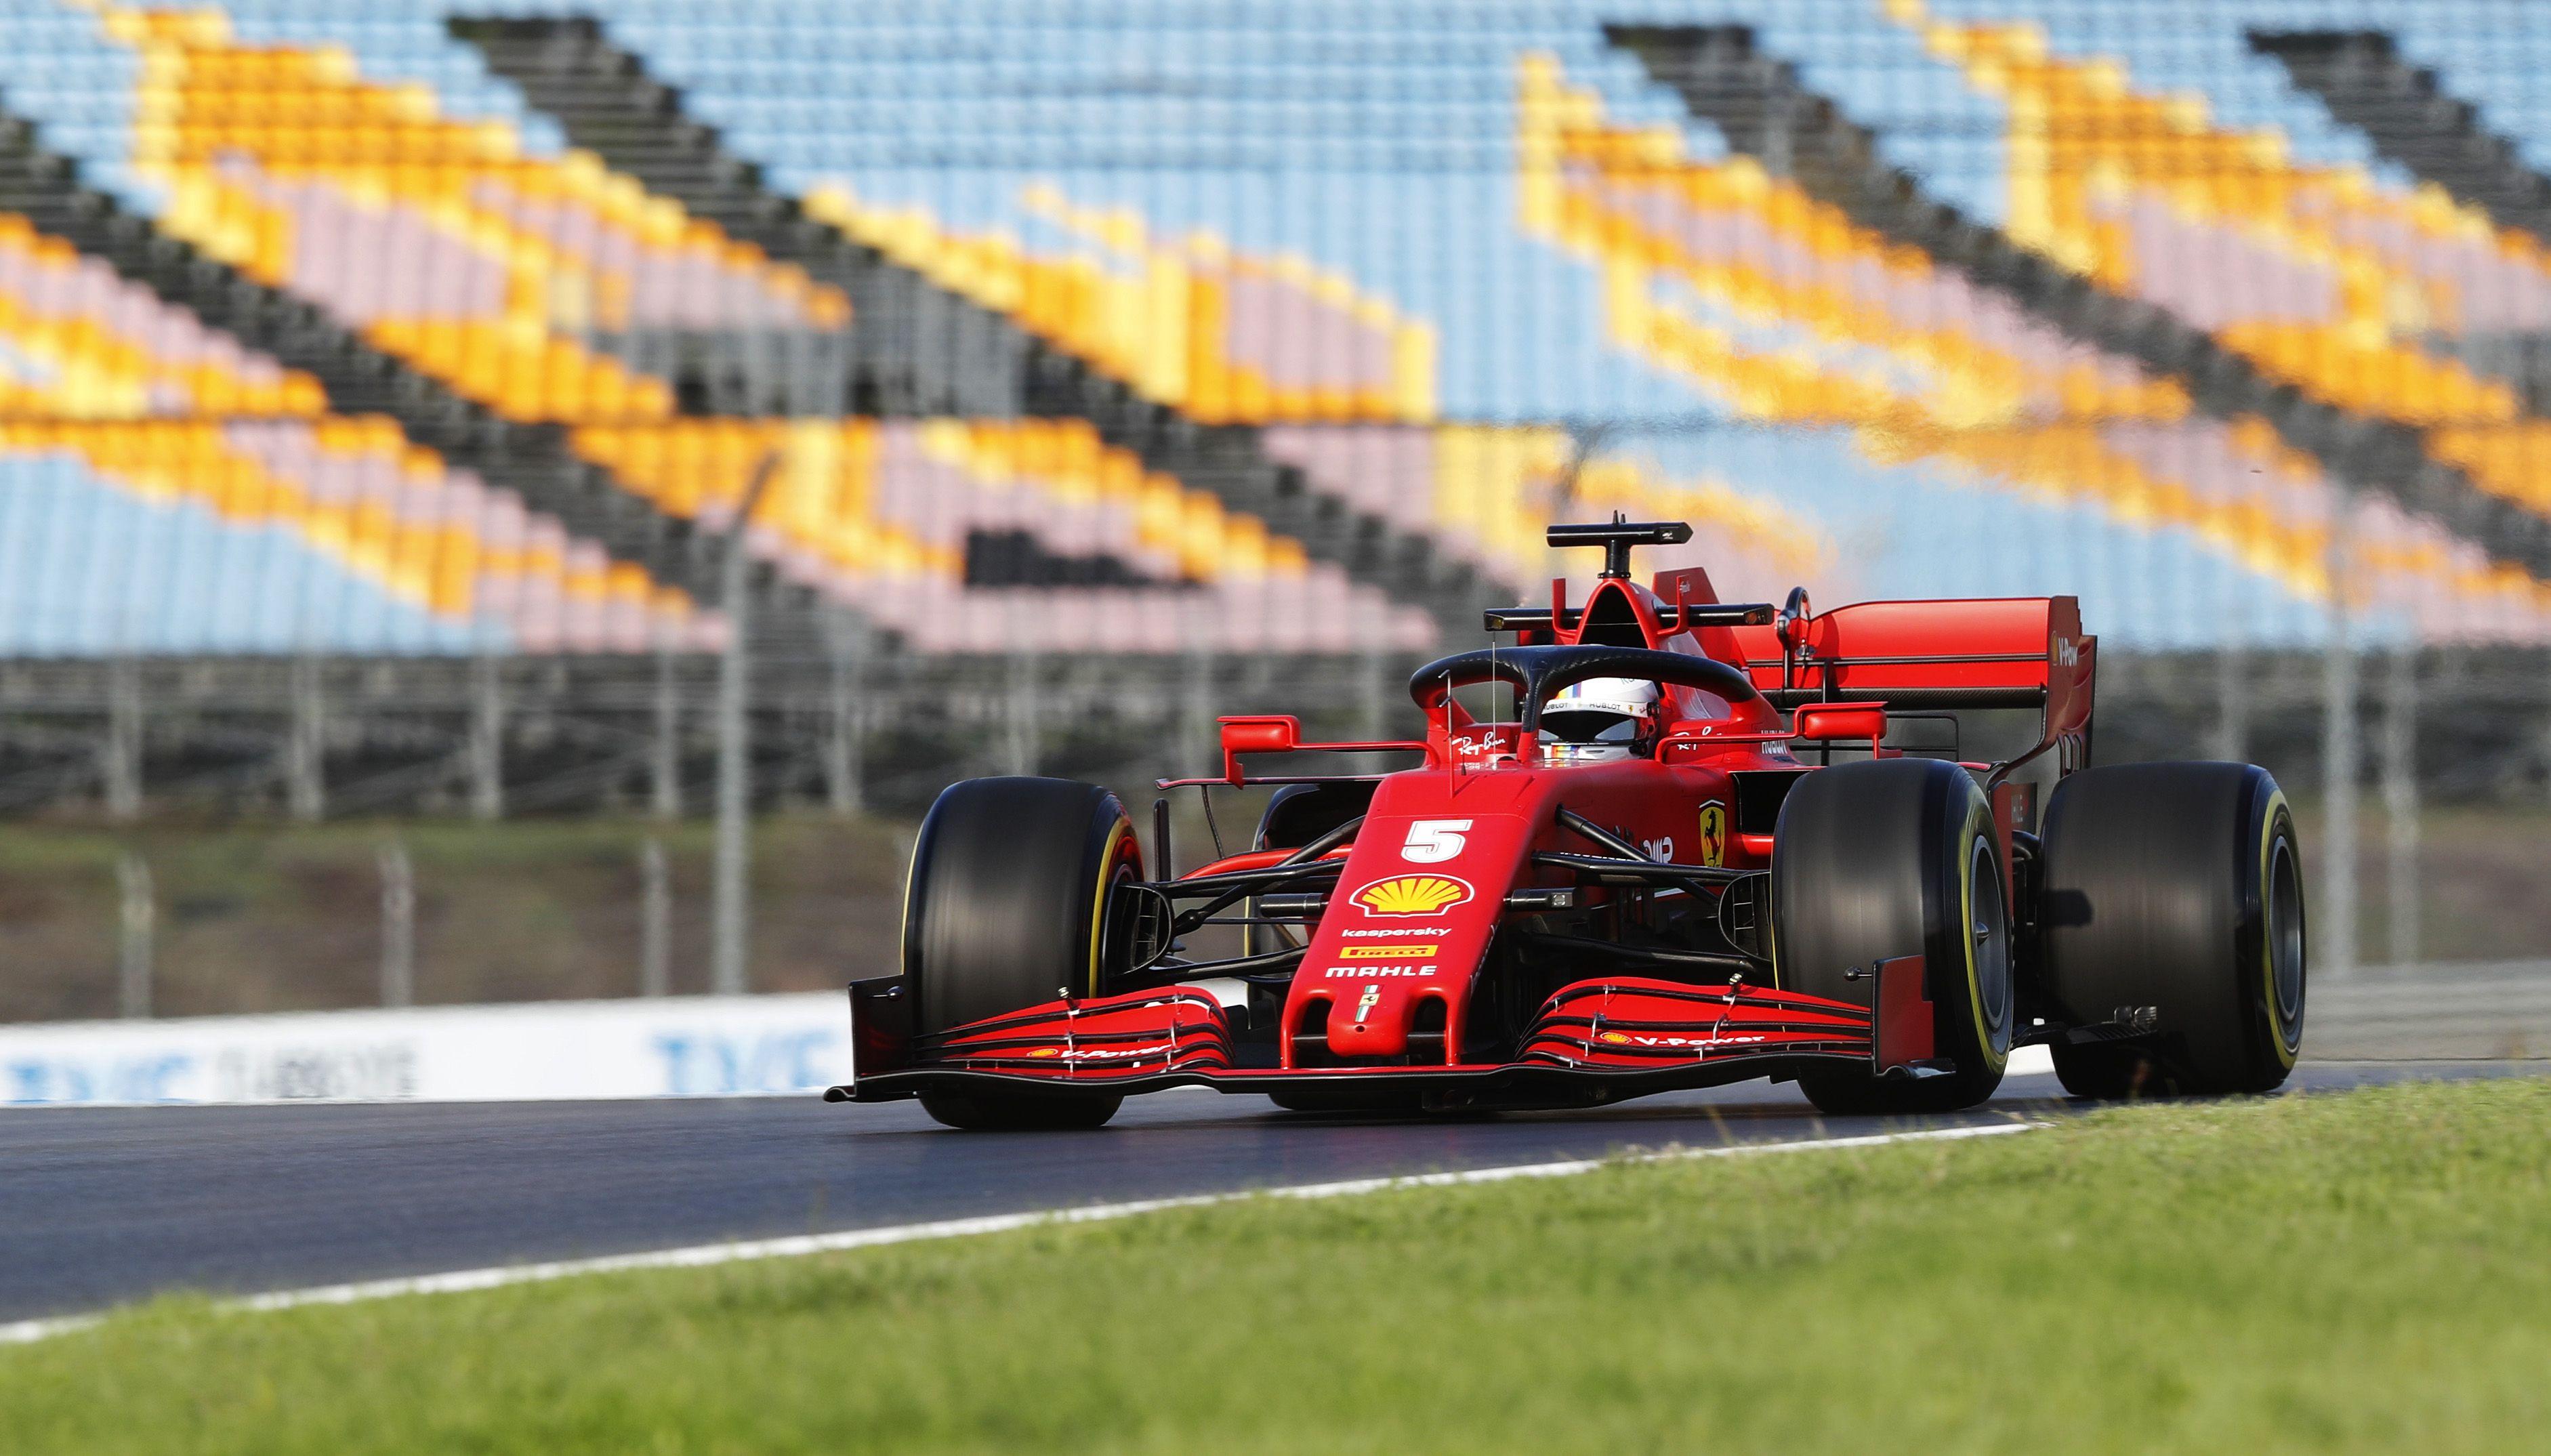 Ferrari S Sebastian Vettel Suddenly In No Hurry To Retire From F1